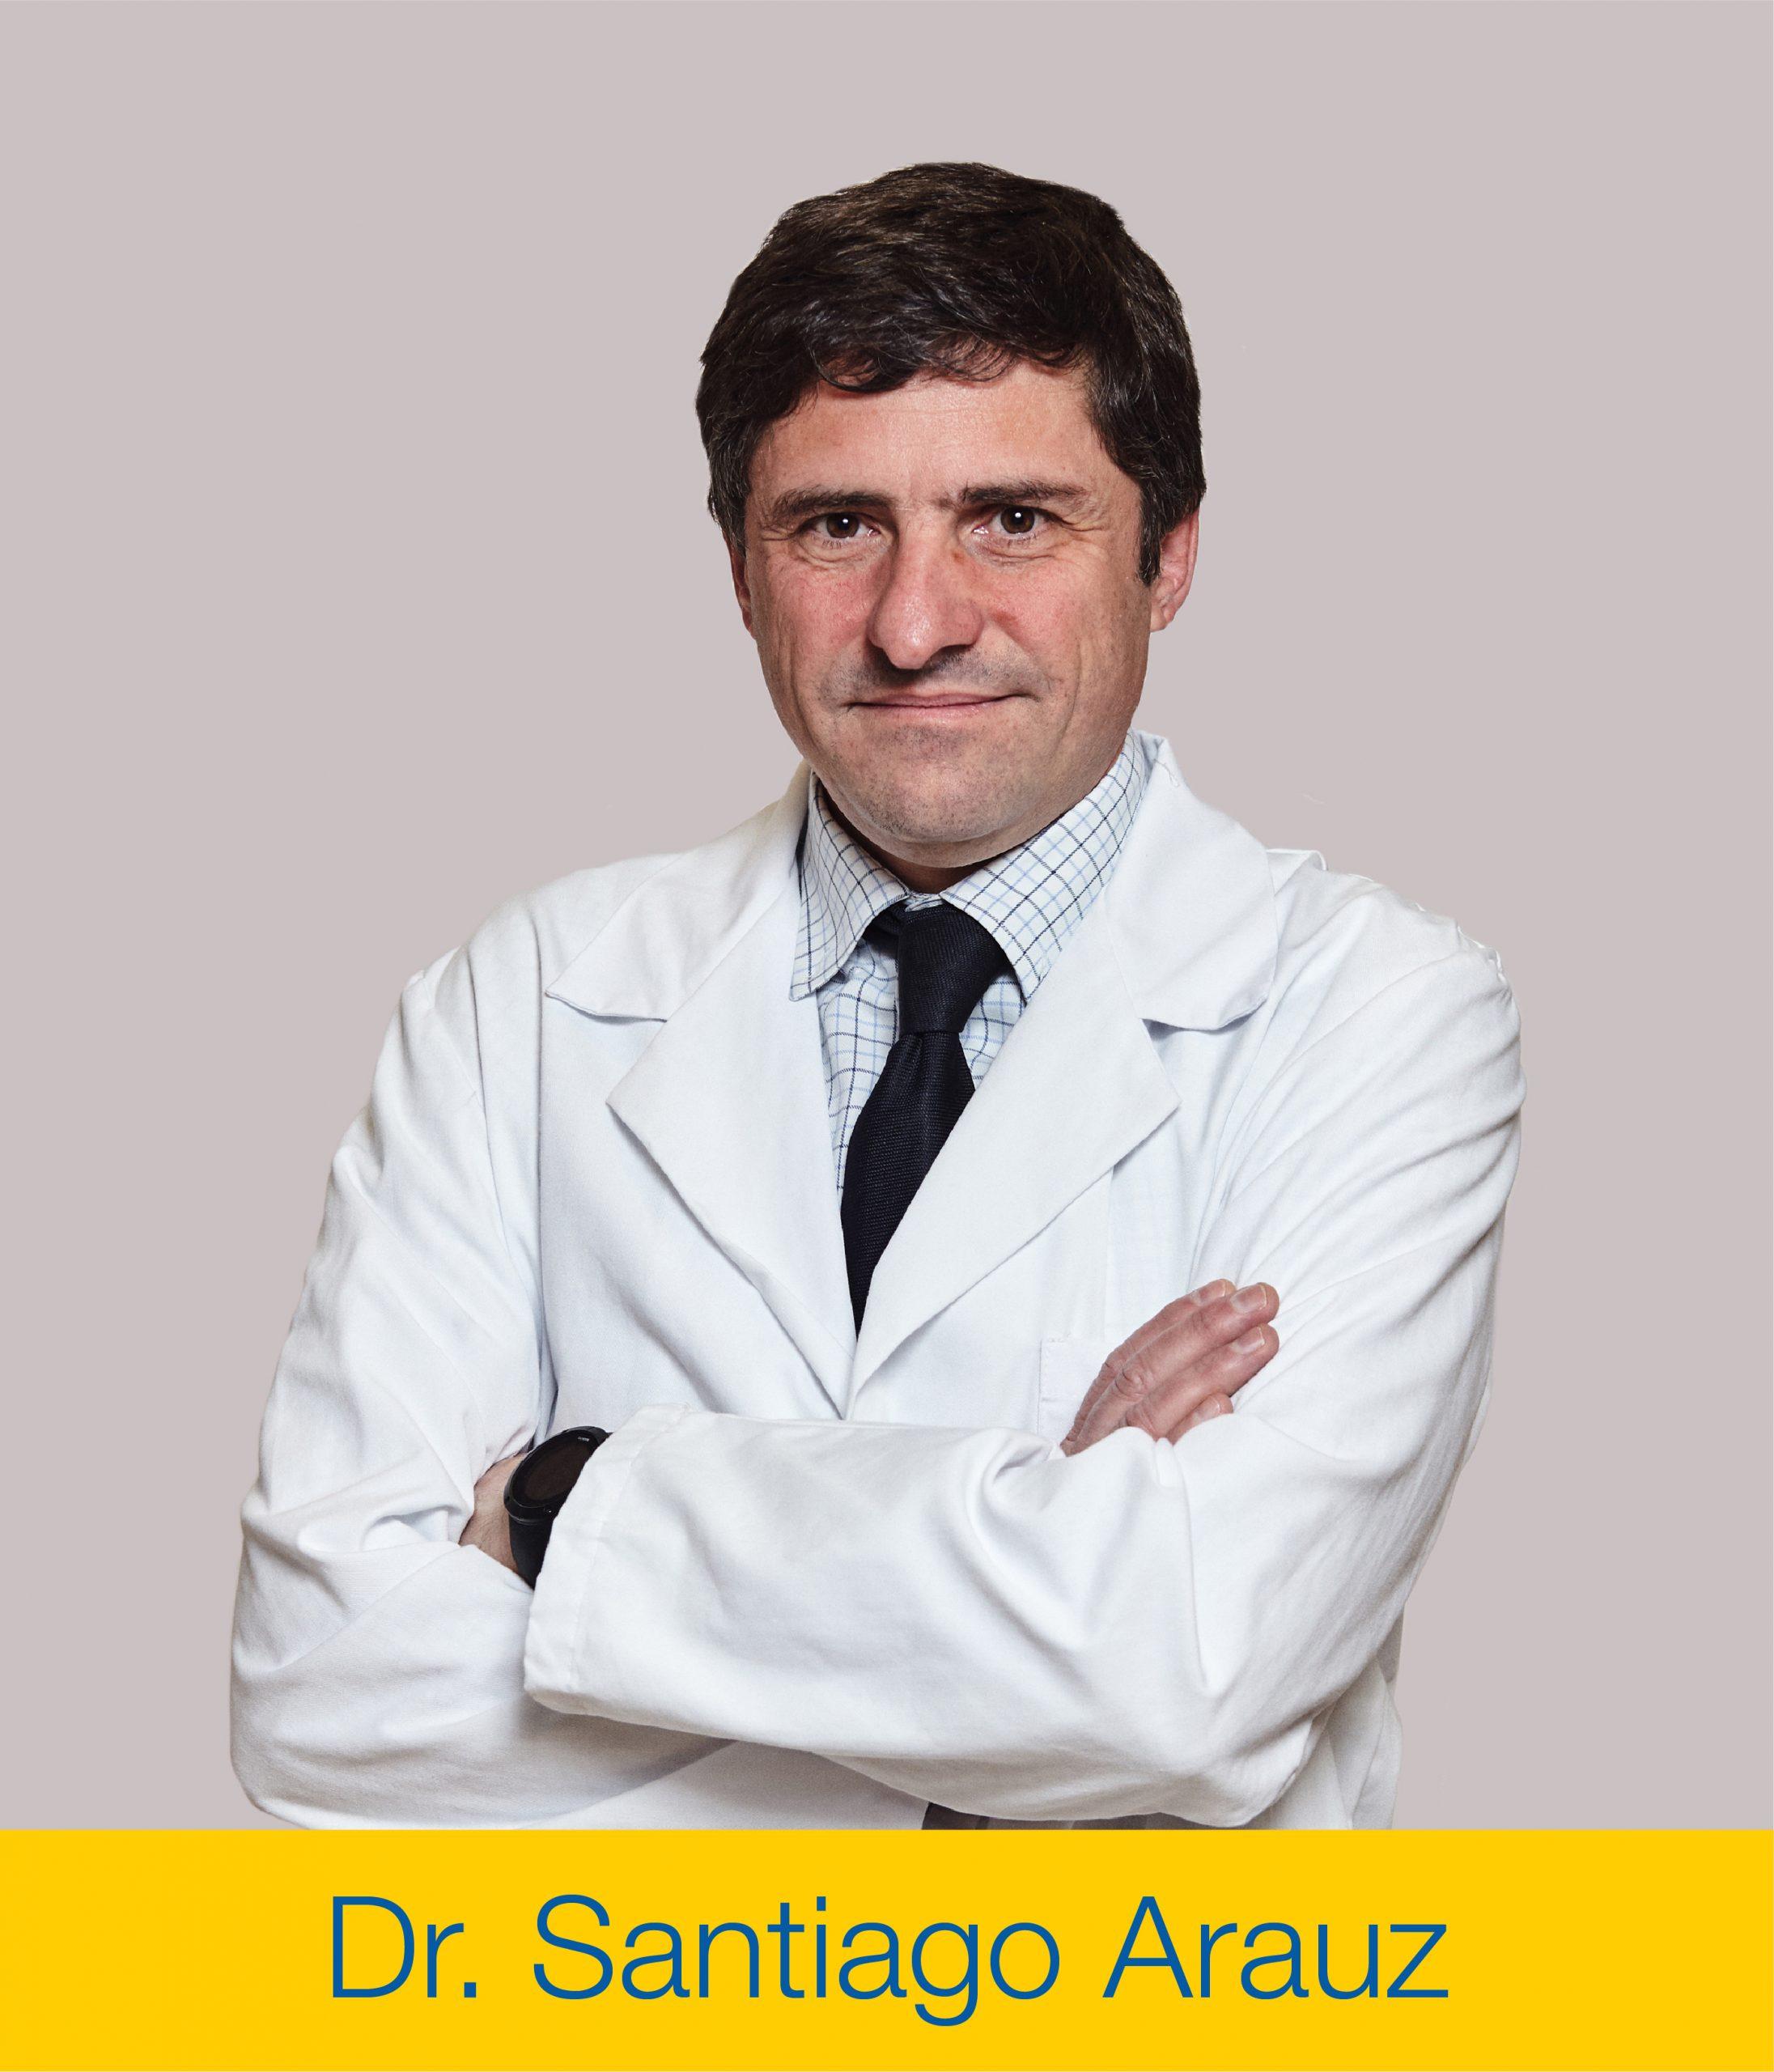 Dr Santiago Arauz Inestabilidad Hombro